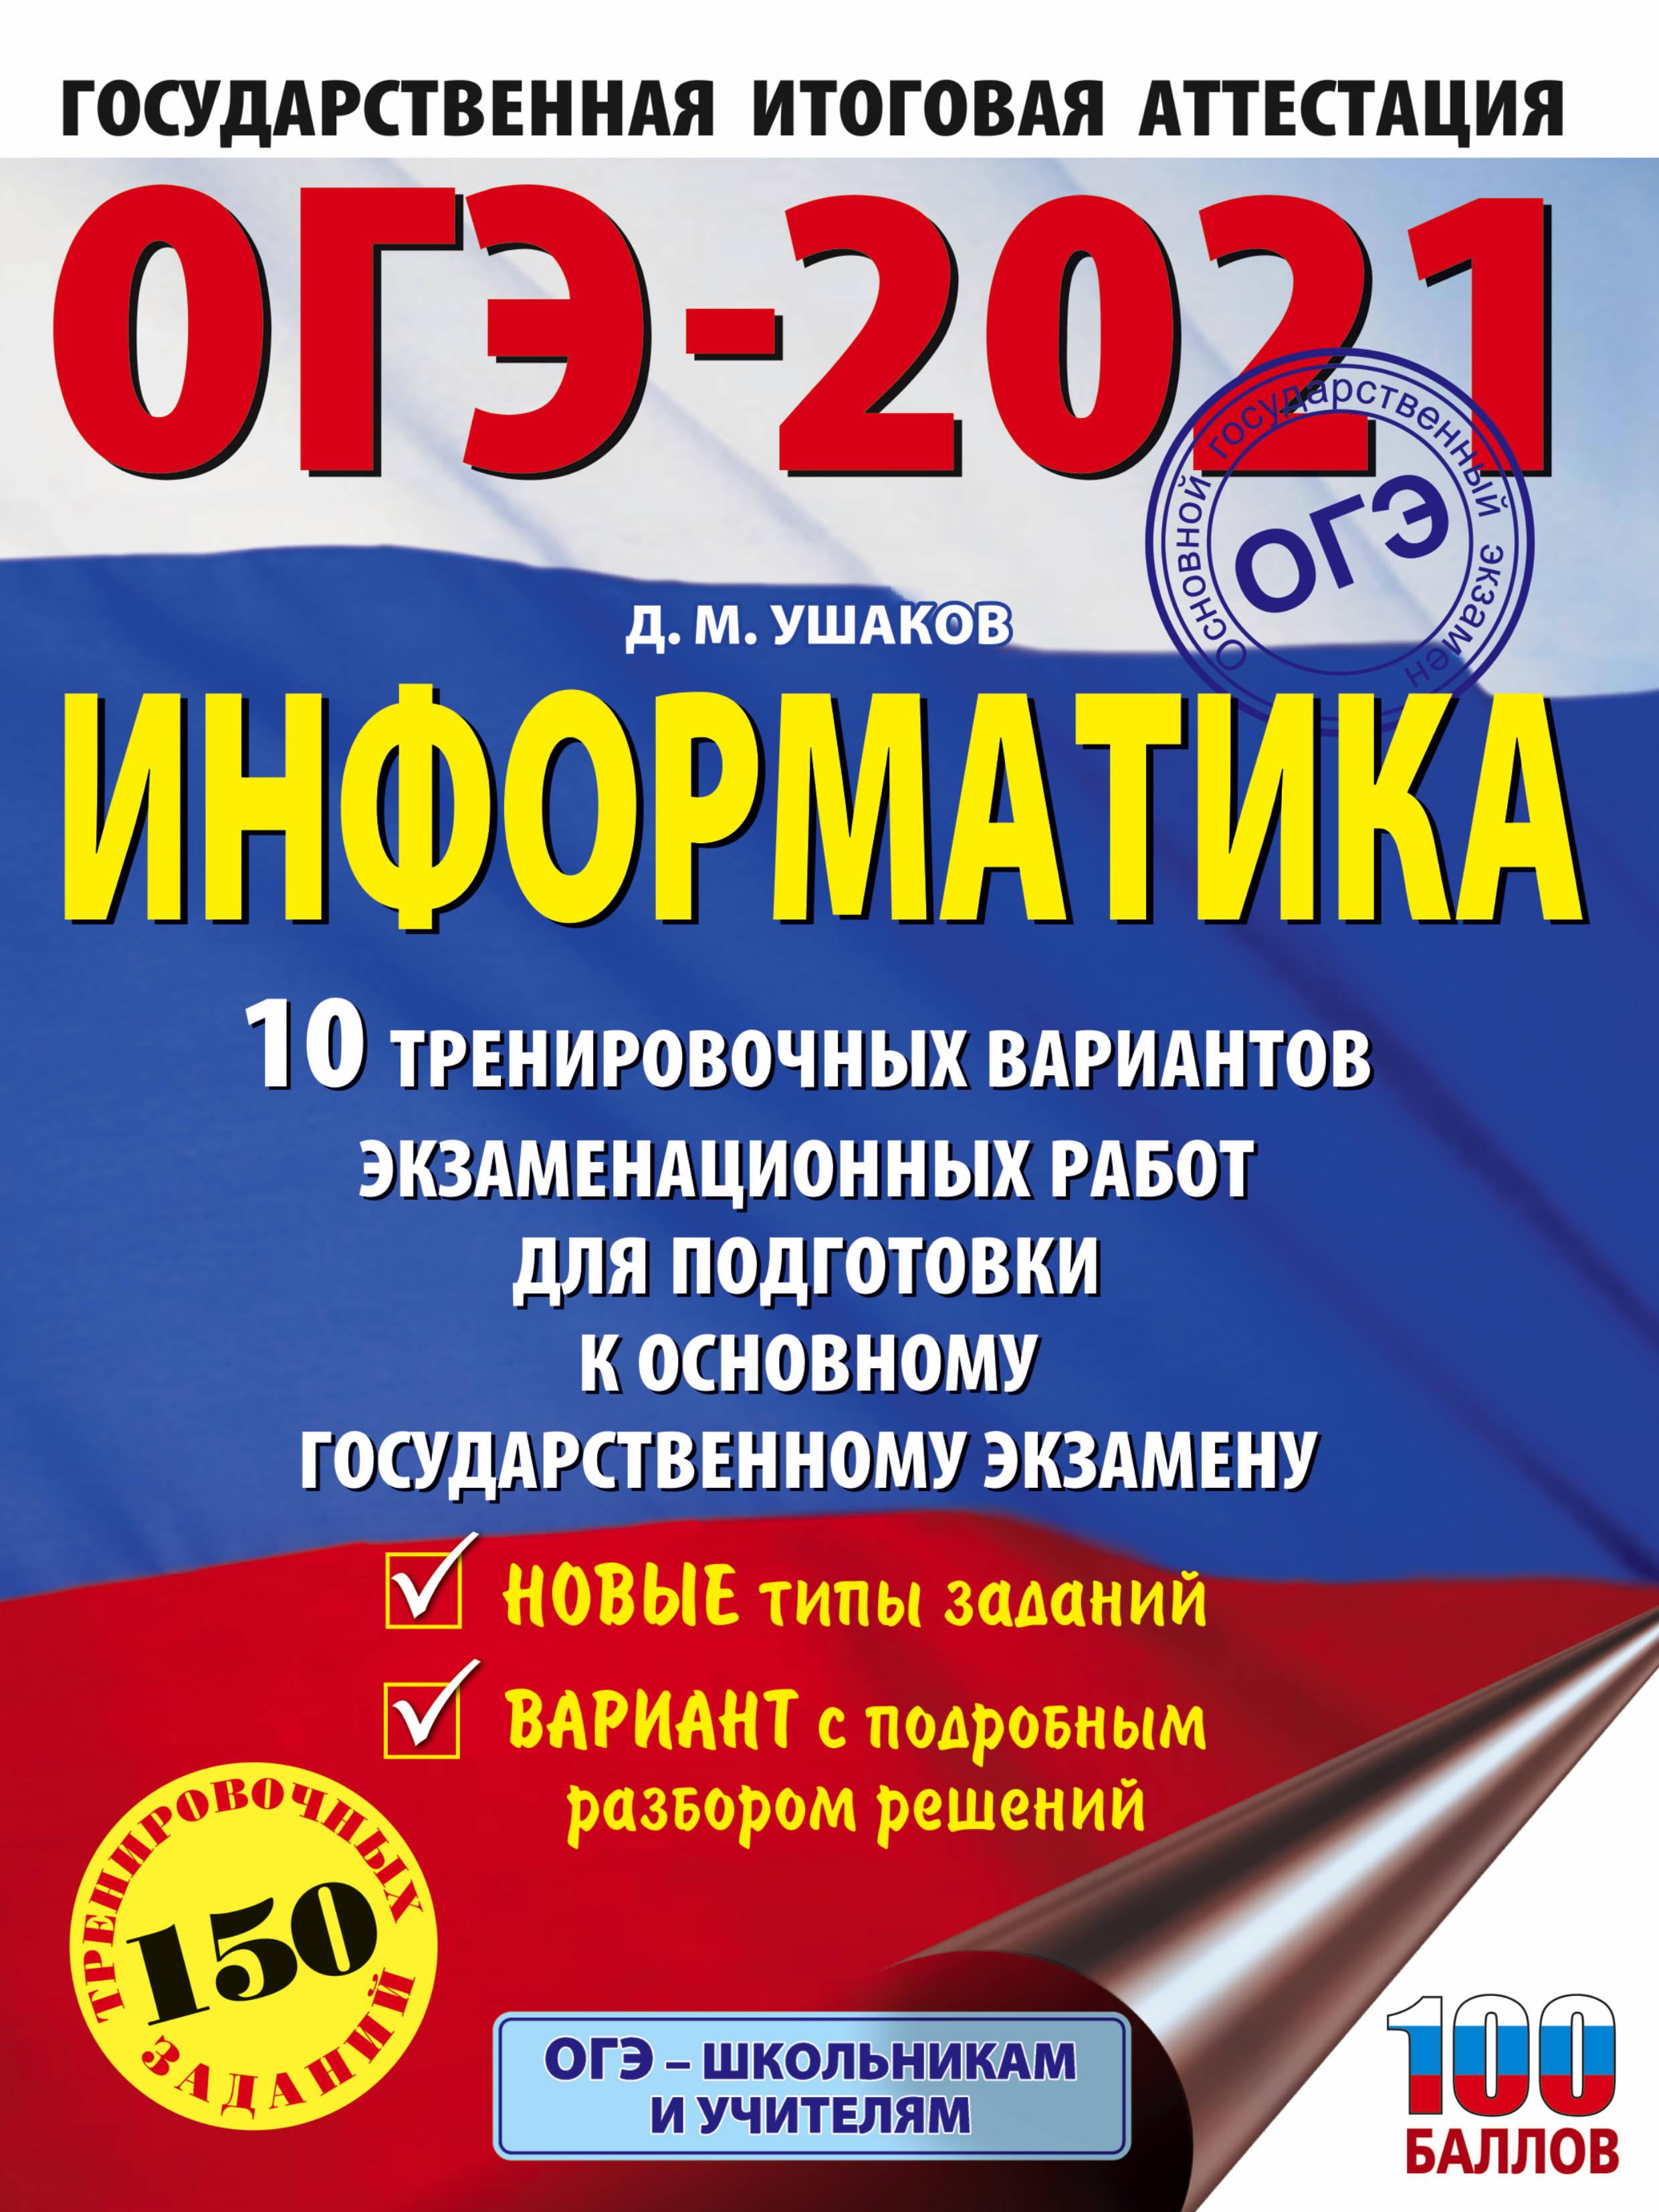 OGE-2021. Informatika (60kh84/8) 10 trenirovochnykh variantov ekzamenatsionnykh rabot dlja podgotovki k osnovnomu gosudarstvennomu ekzamenu